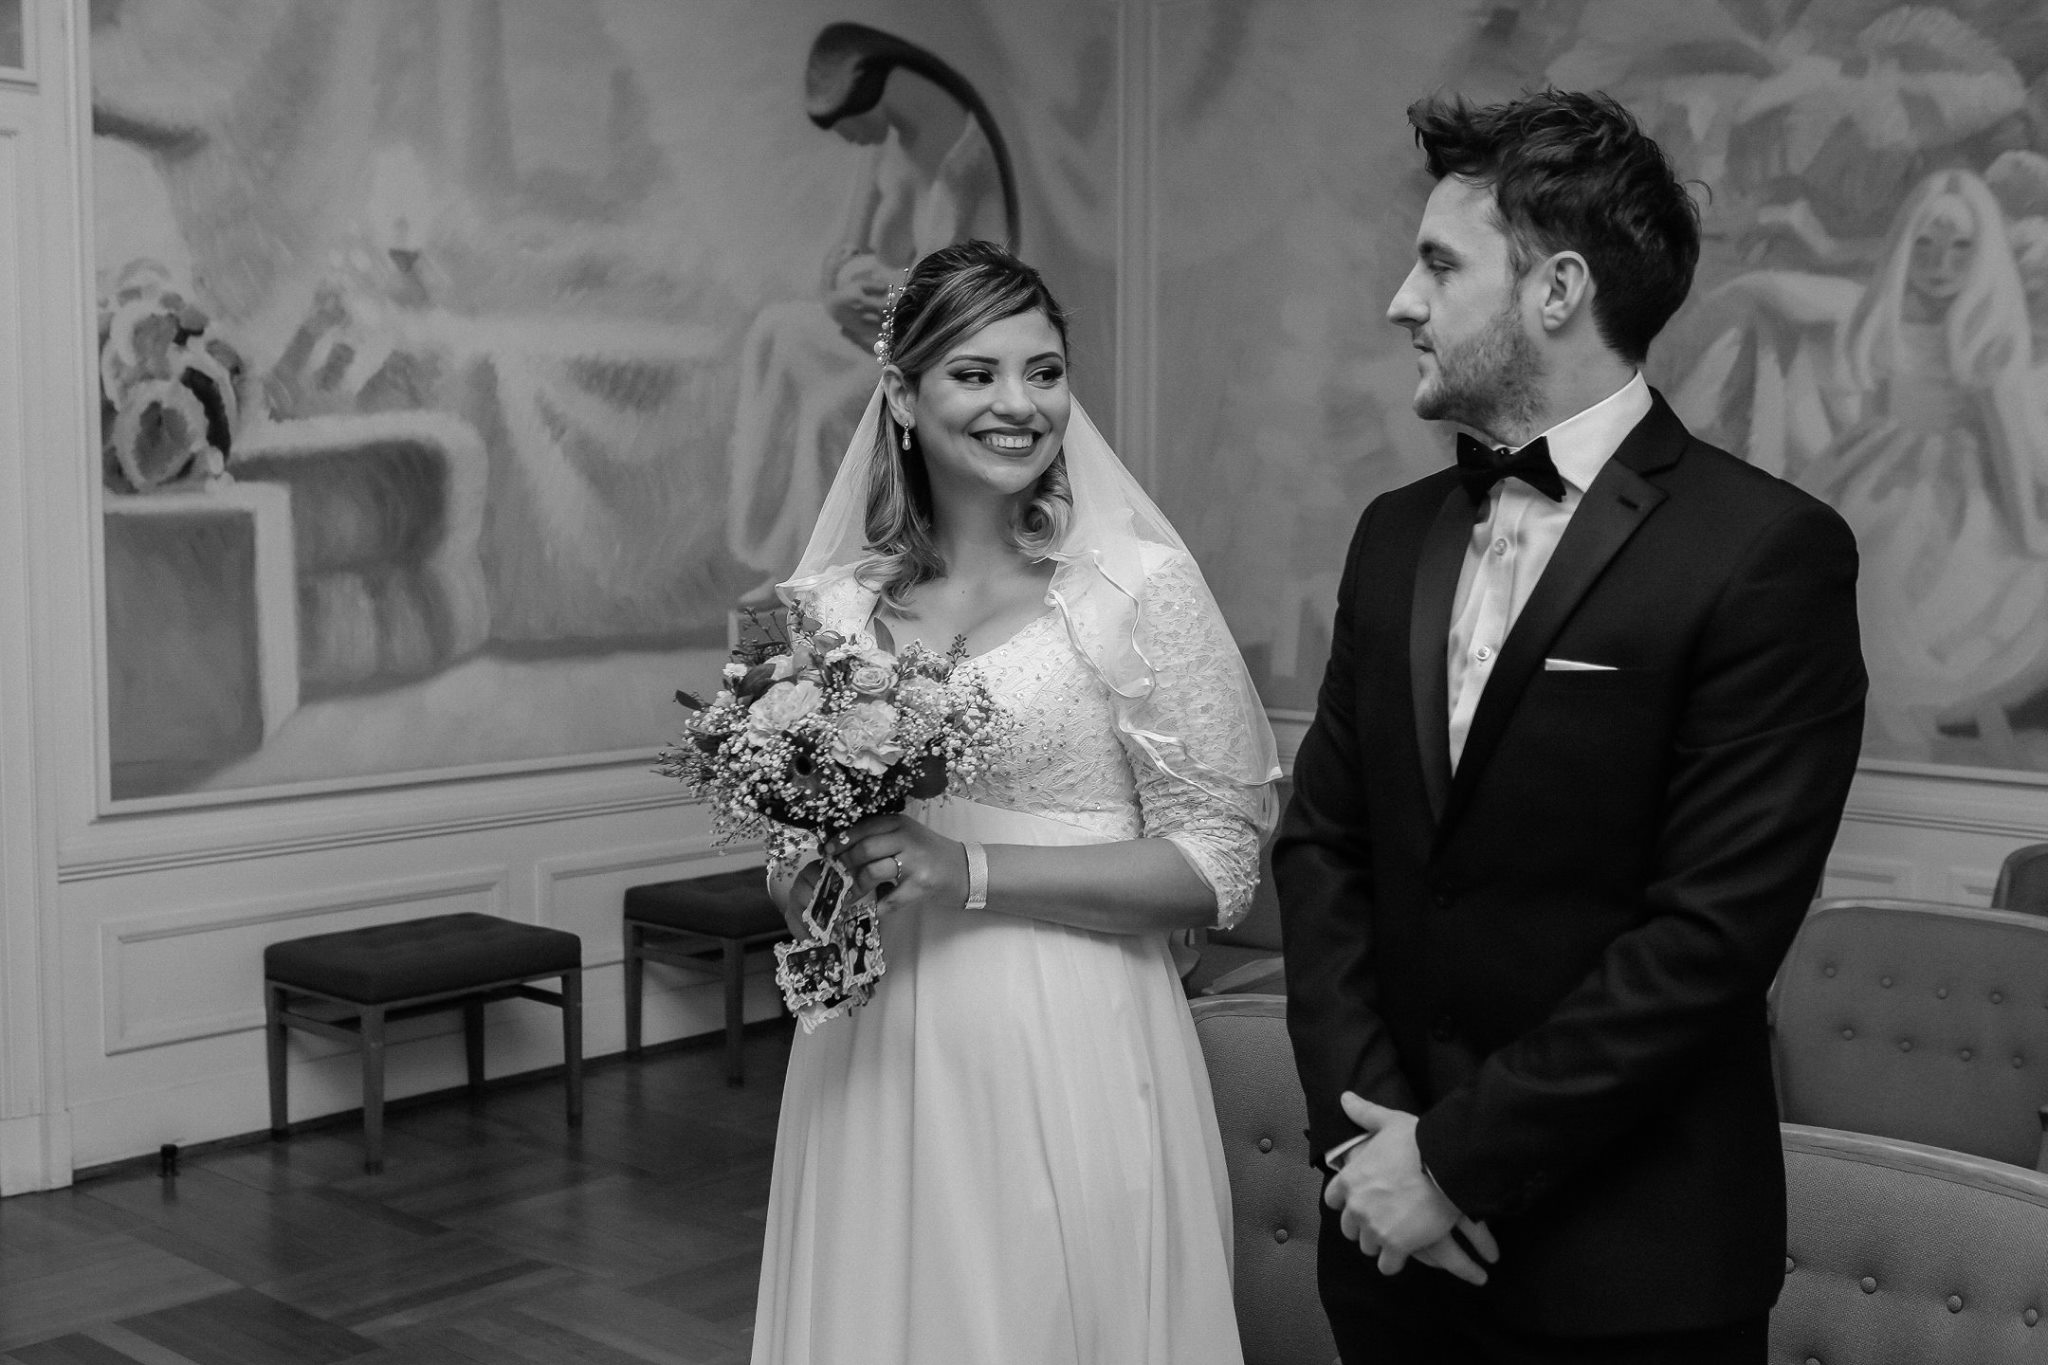 copenhagen-wedding-photograoher25